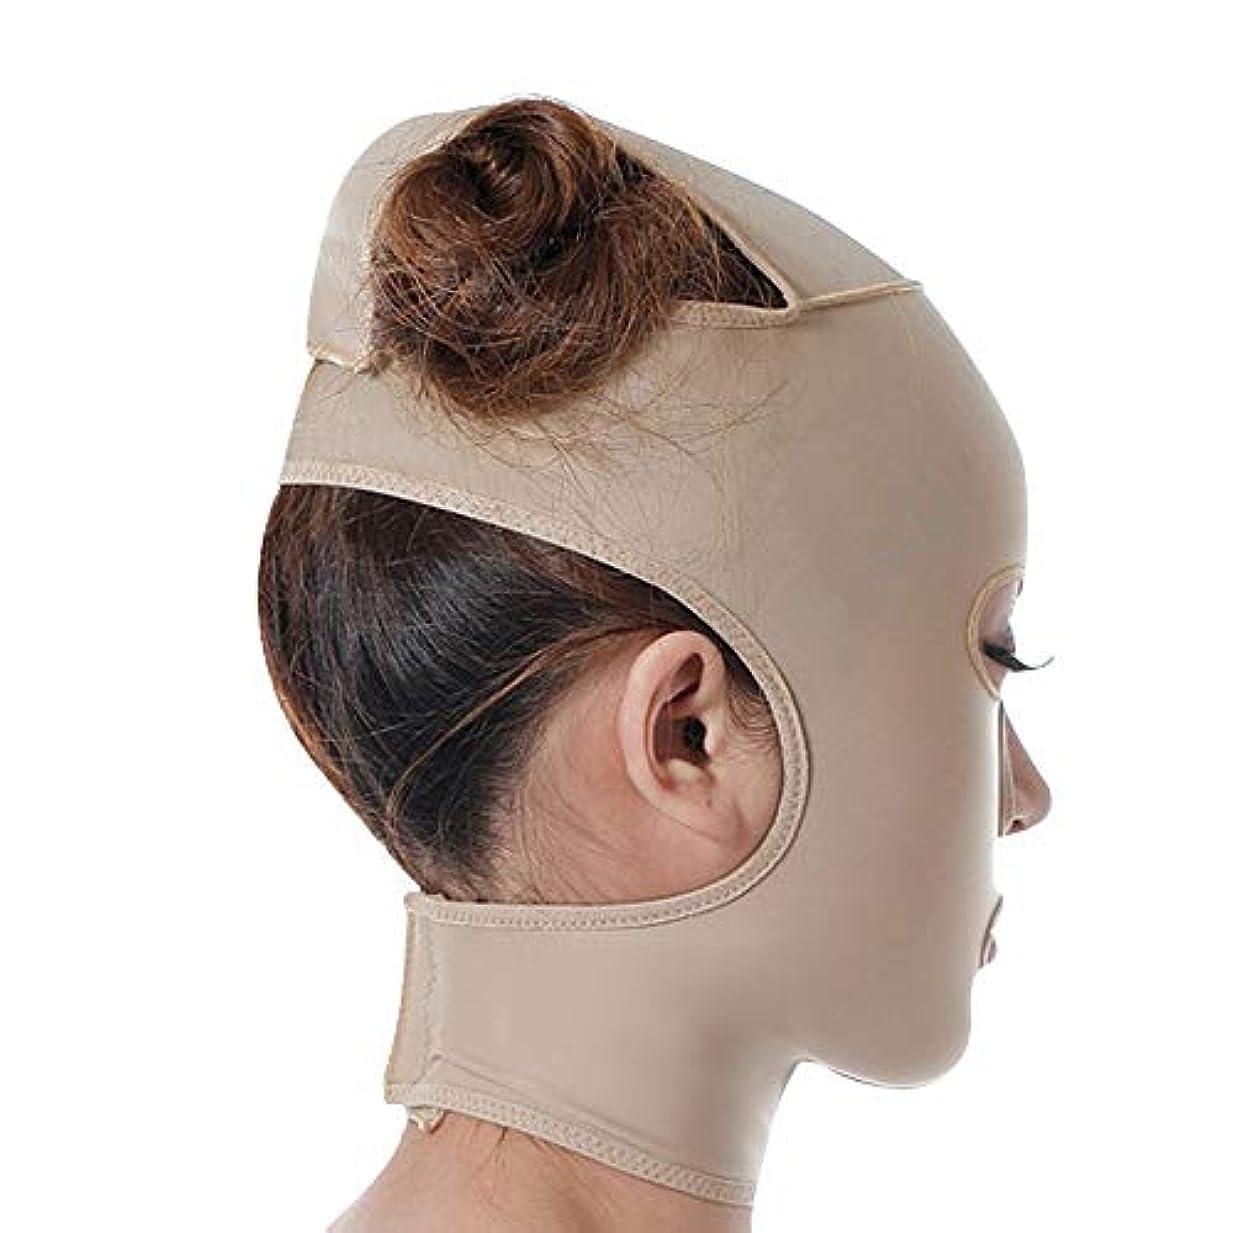 究極の引っ張るタイプライターTLMY 引き締めマスクマスク美容薬マスク美容V顔包帯ライン彫刻リフティング引き締め二重あごマスク 顔用整形マスク (Size : M)